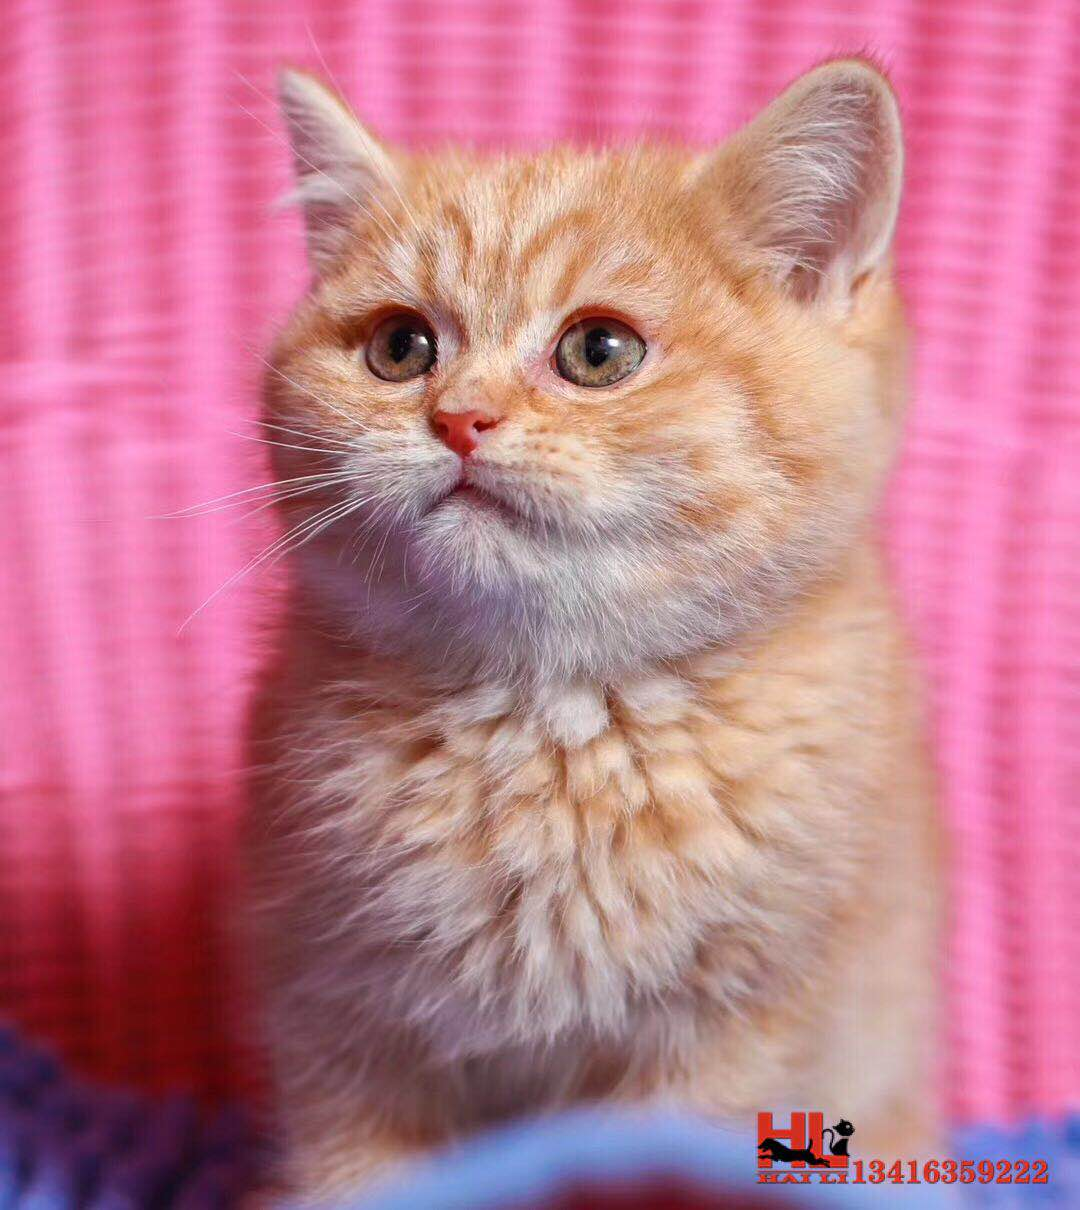 自家繁殖橘猫 做好疫苗驱虫 欢迎咨询